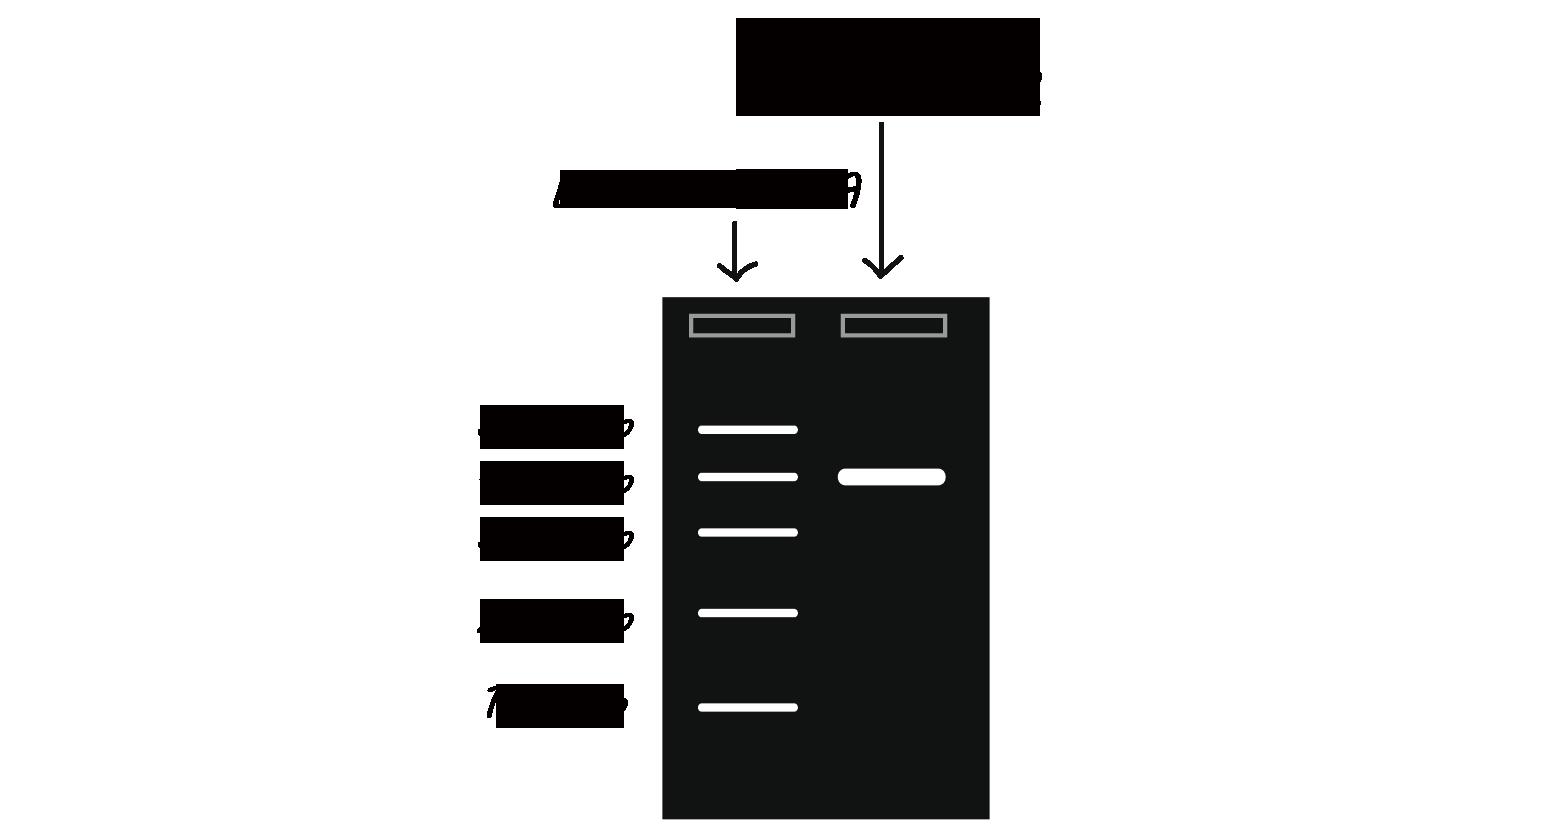 Coluna esquerda: Escada de DNA com bandas de 100, 200, 300, 400, 500 pb.  Coluna direita: resultado da reação PCR, uma banda em 400pb.